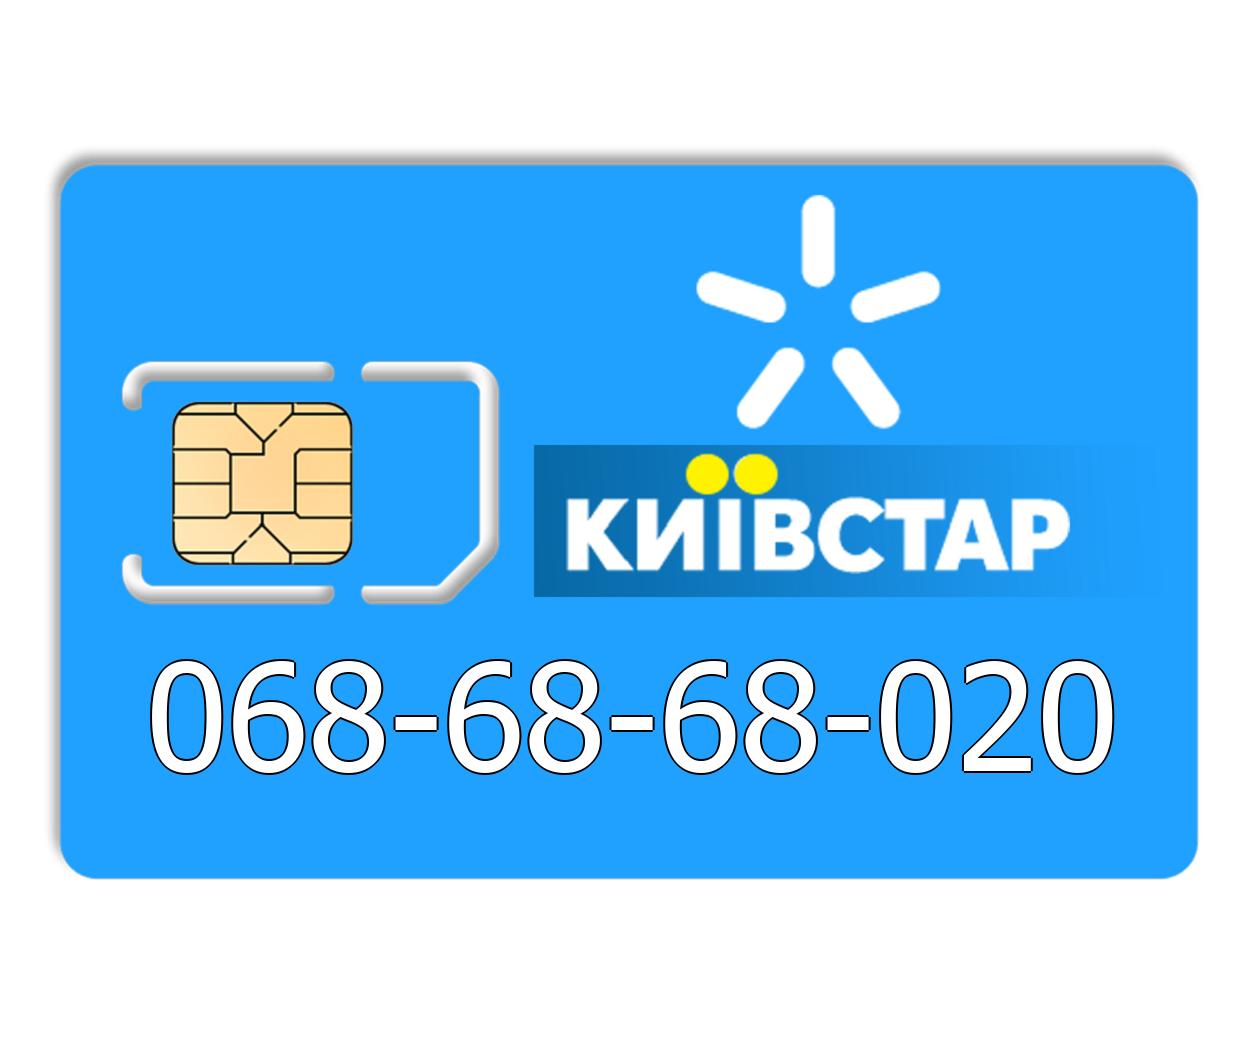 Красивый номер Киевстар 068-68-68-020